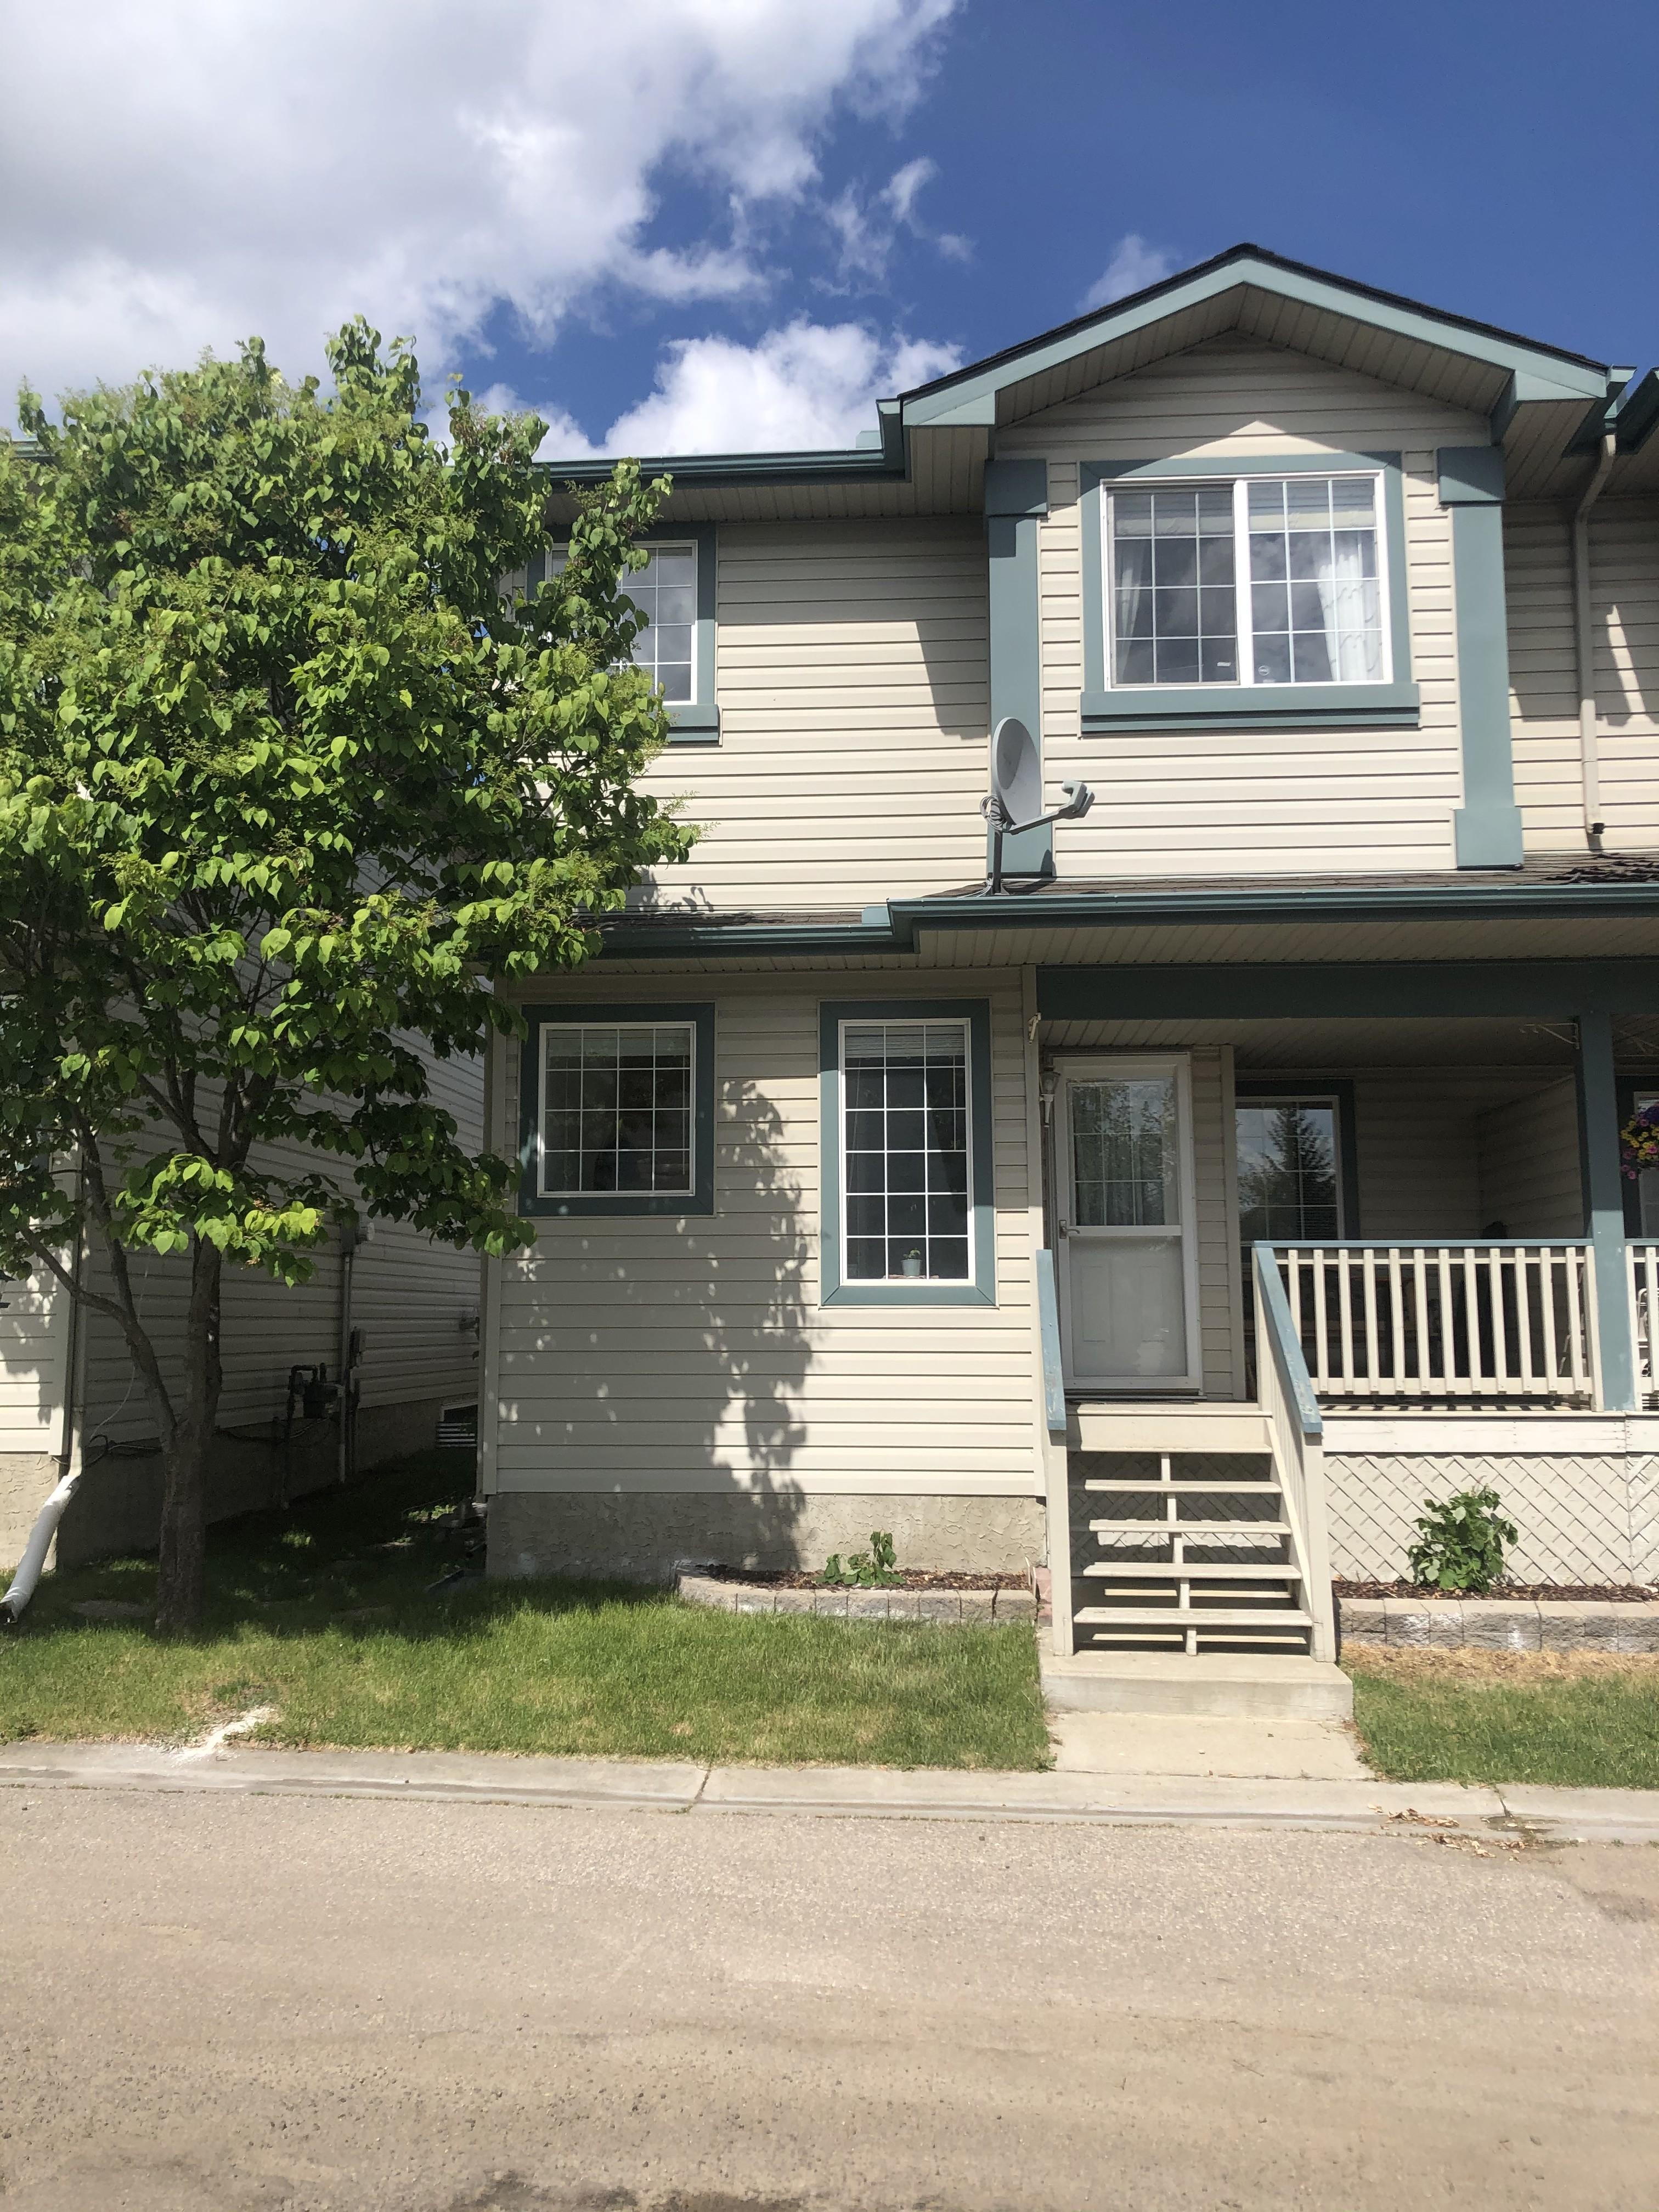 3 bedroom 1/2 duplex, Miller, $1600